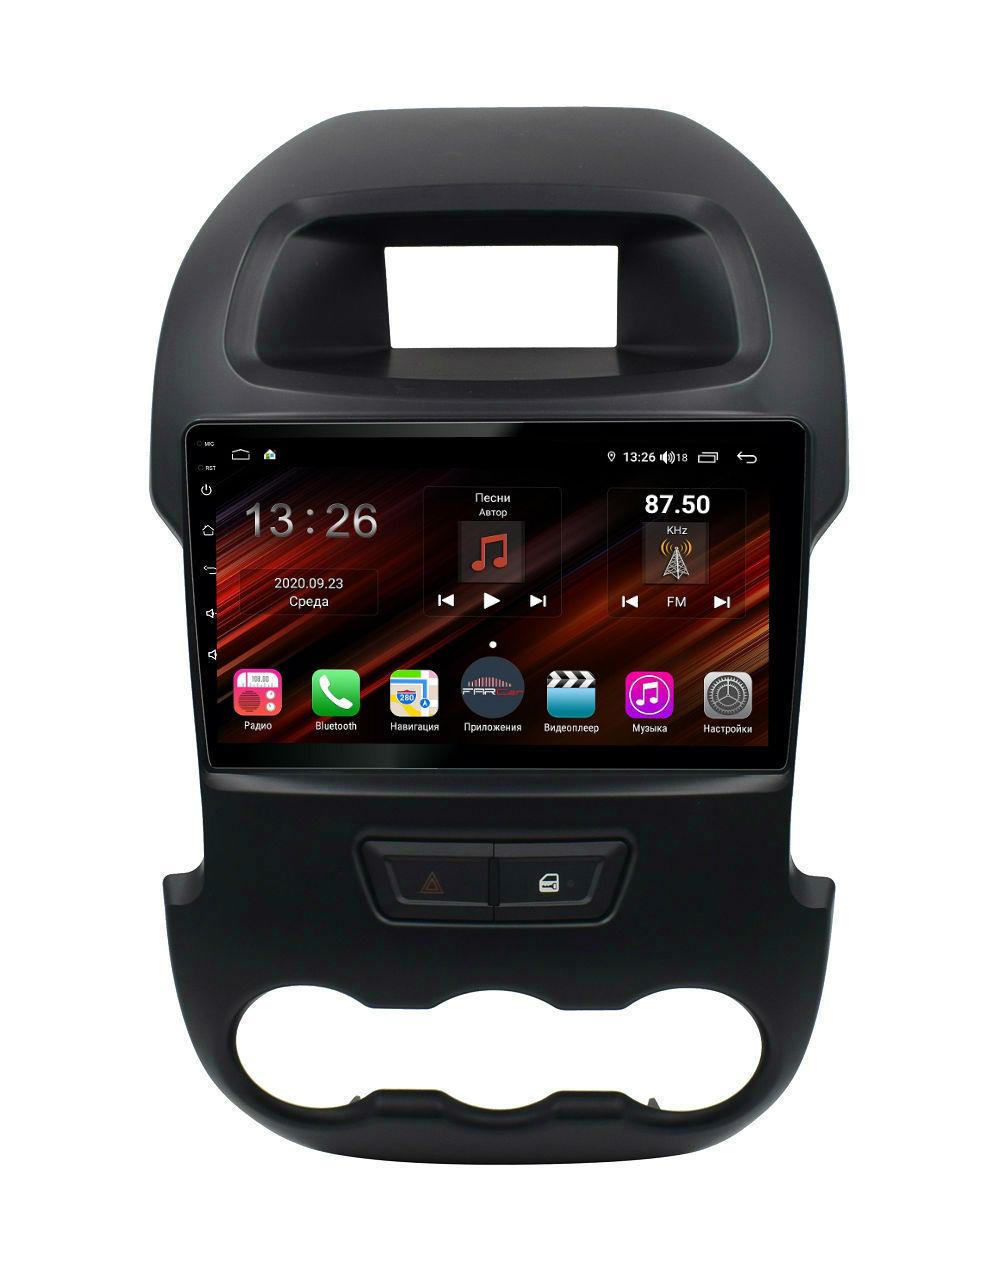 Штатная магнитола FarCar s400 Super HD для Ford Ranger на Android (XH245R) (+ Камера заднего вида в подарок!)